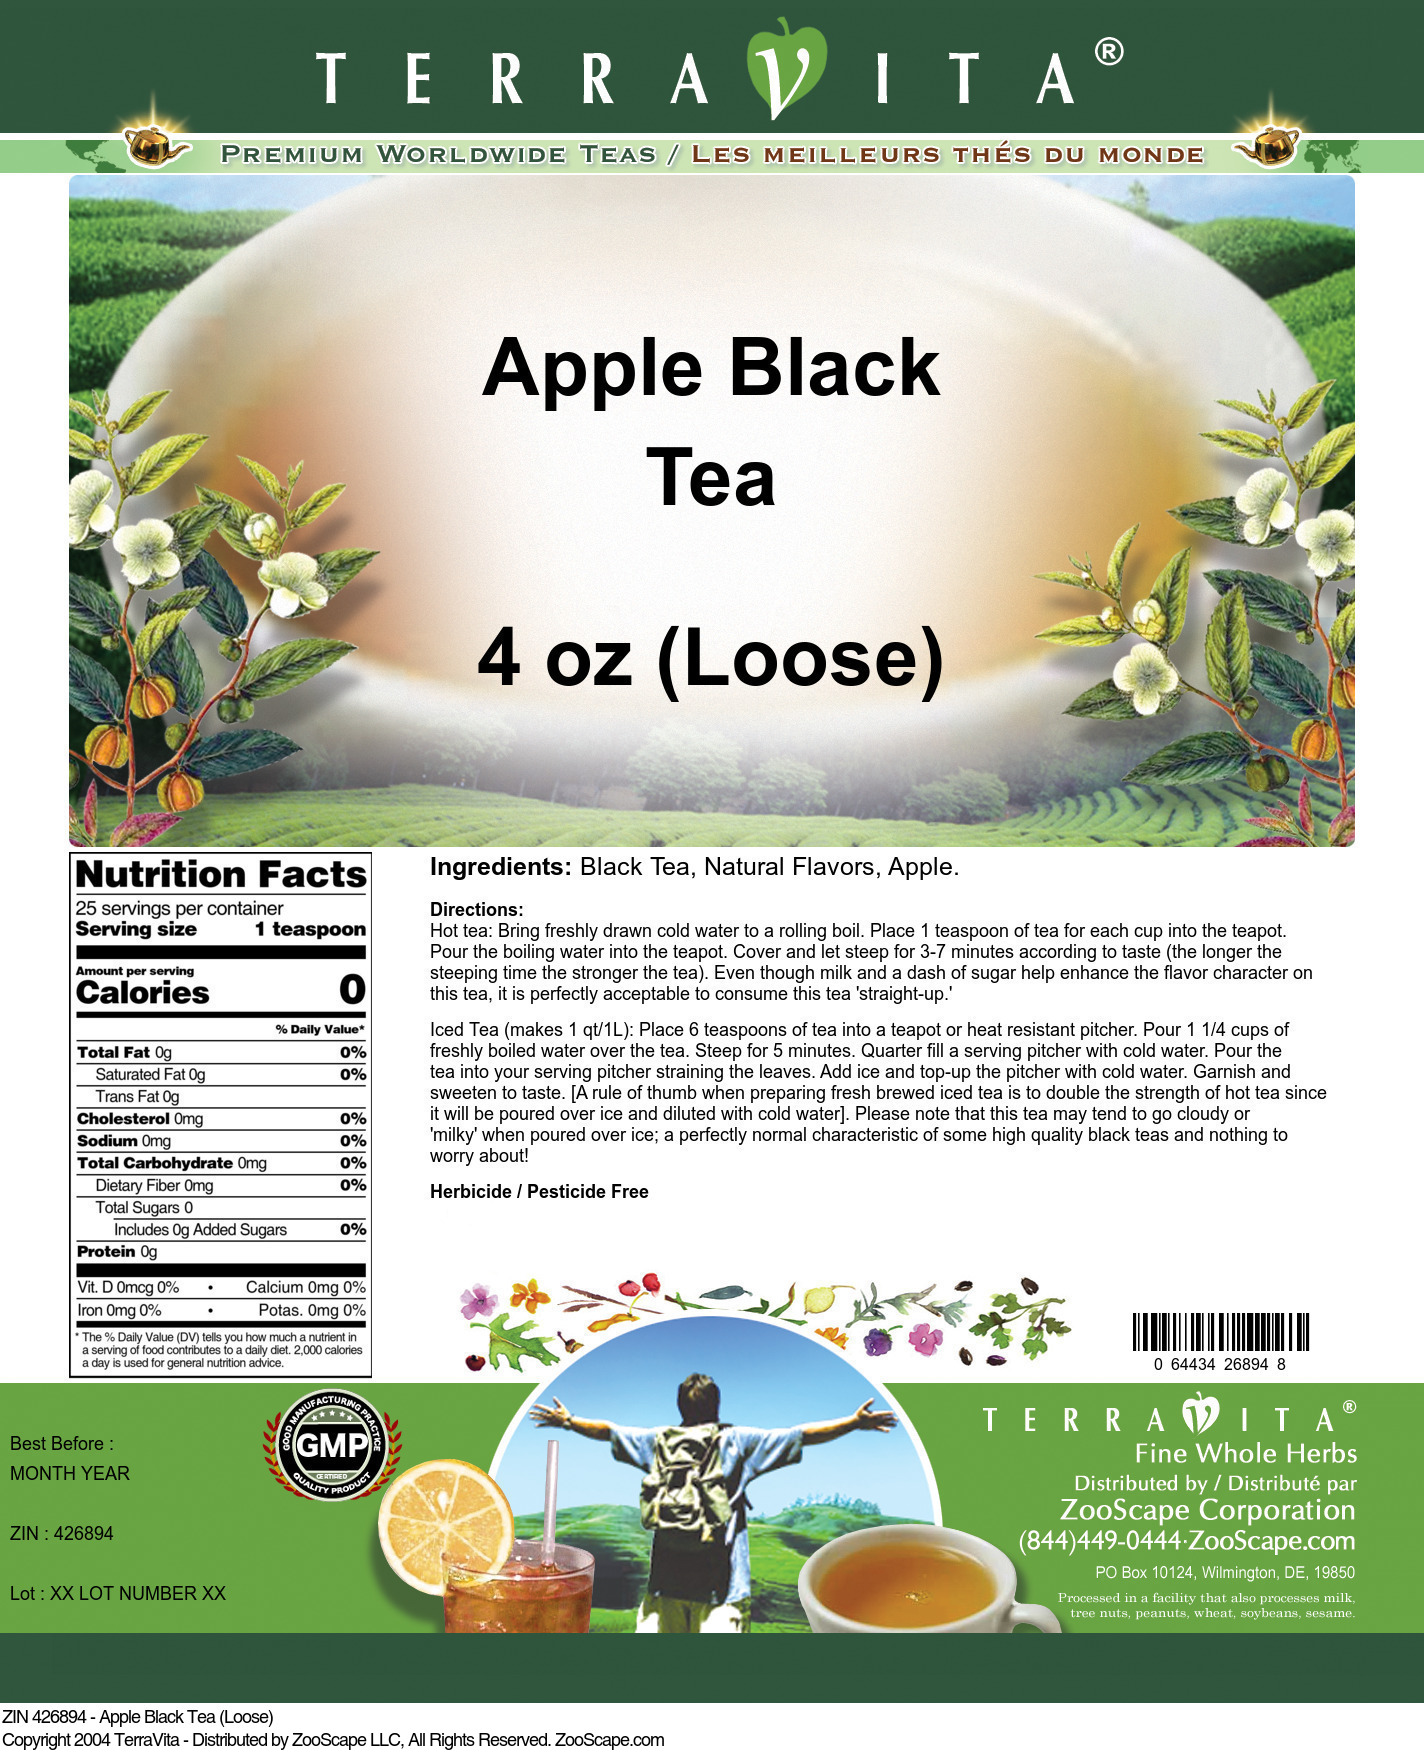 Apple Black Tea (Loose)